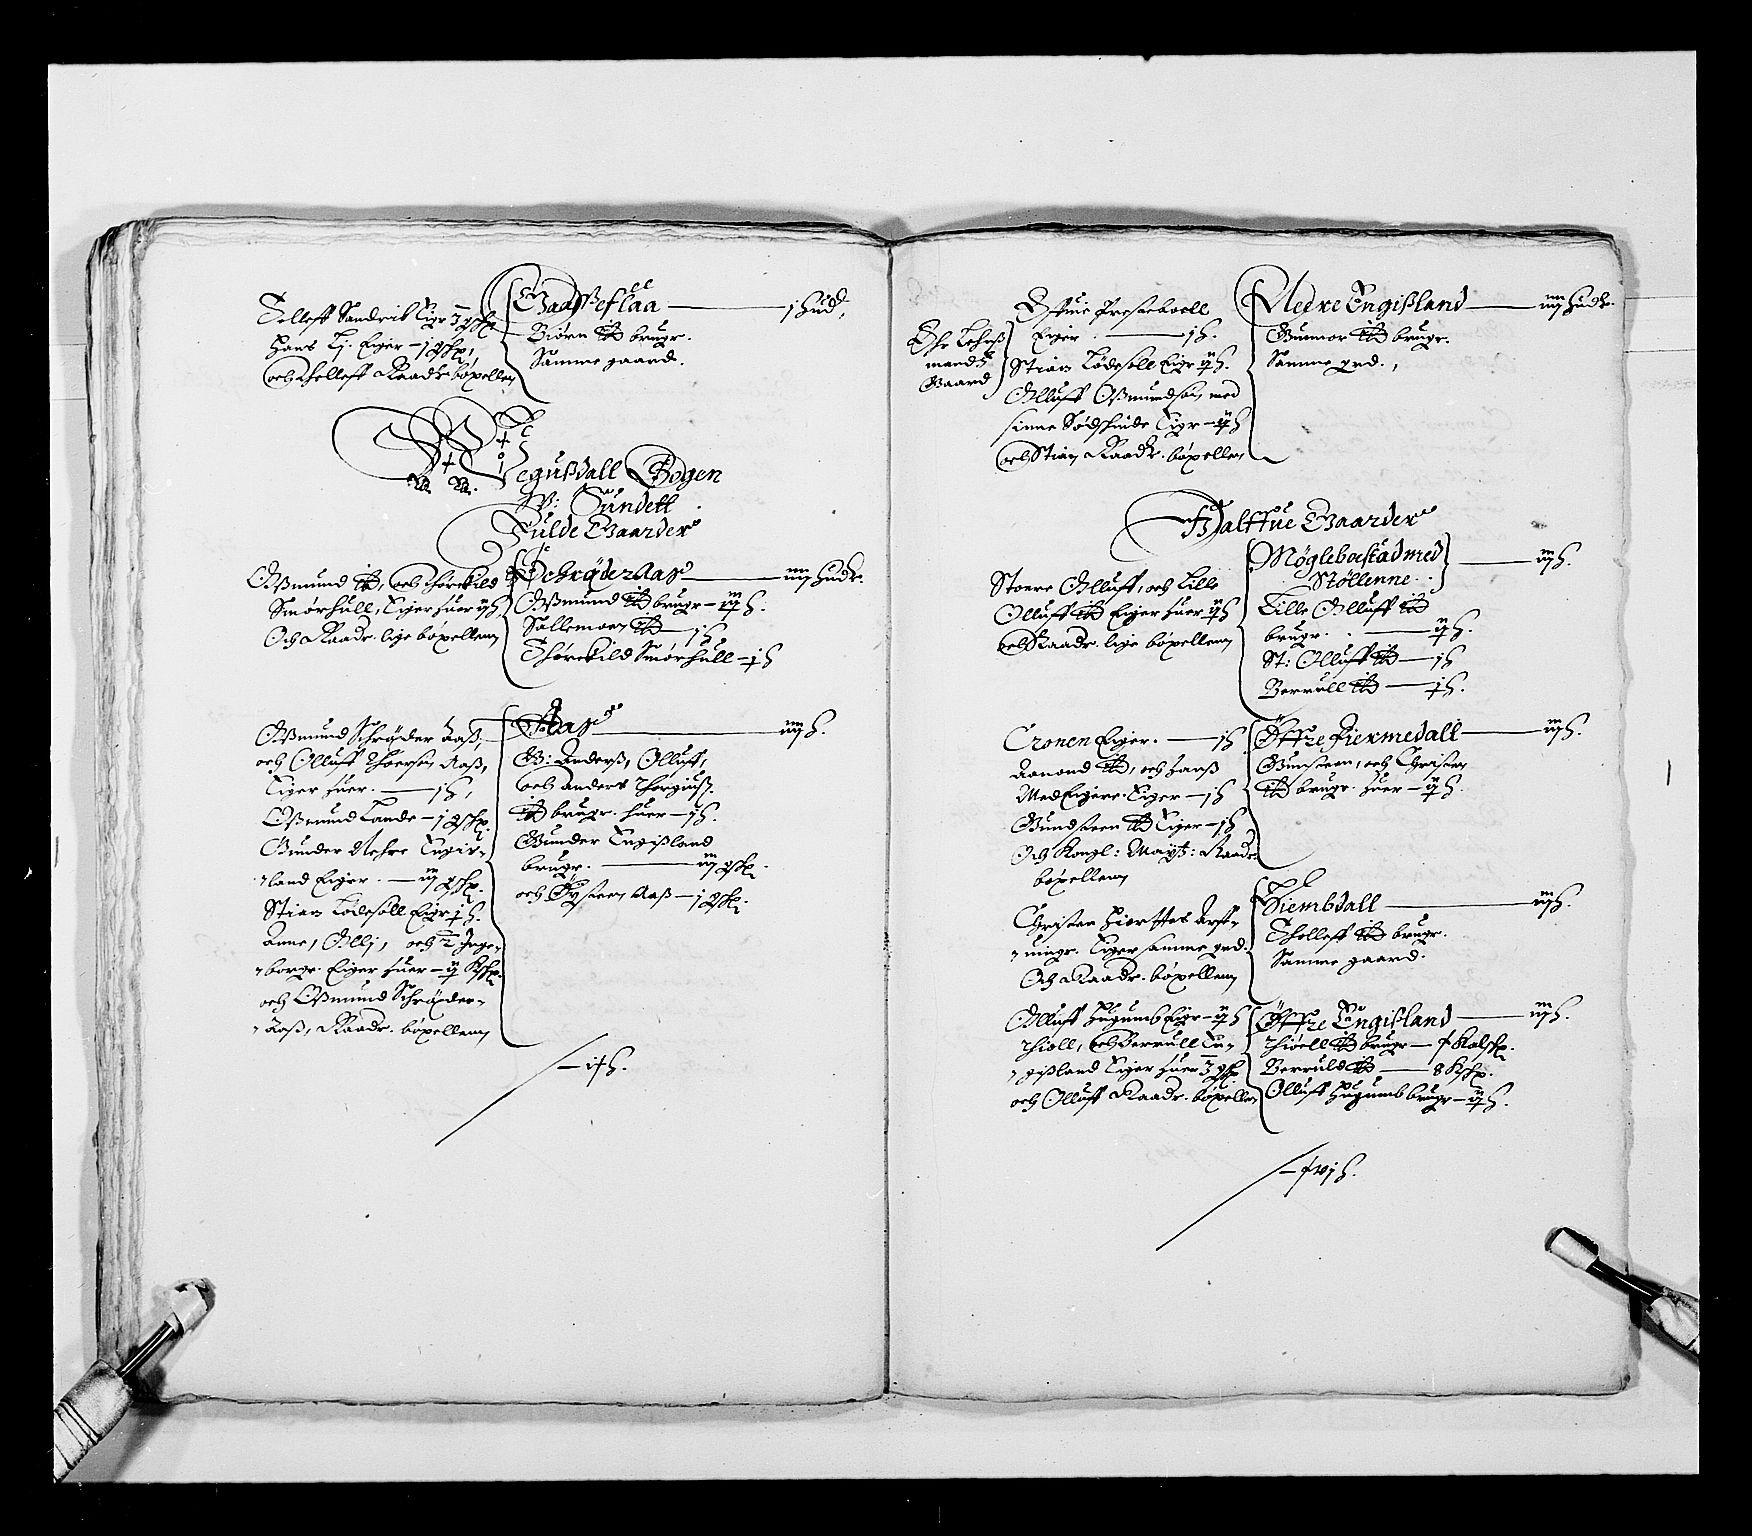 RA, Stattholderembetet 1572-1771, Ek/L0023: Jordebøker 1633-1658:, 1648-1649, s. 43